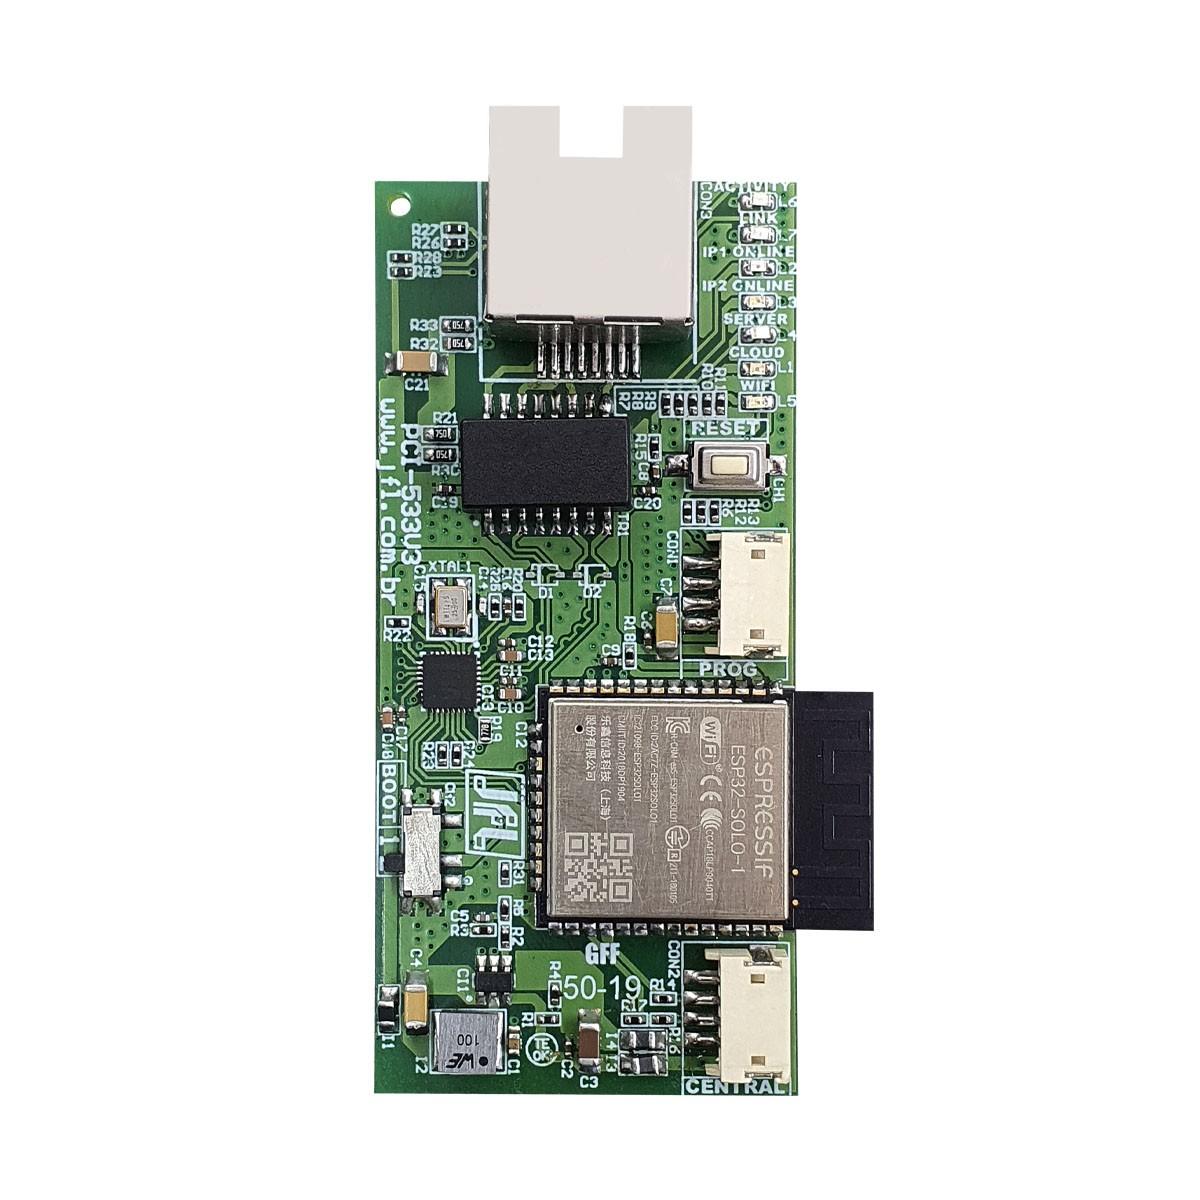 Kit Alarme SmartCloud 18 Jfl Sensores Shc Fit e Idx 1001 Jfl